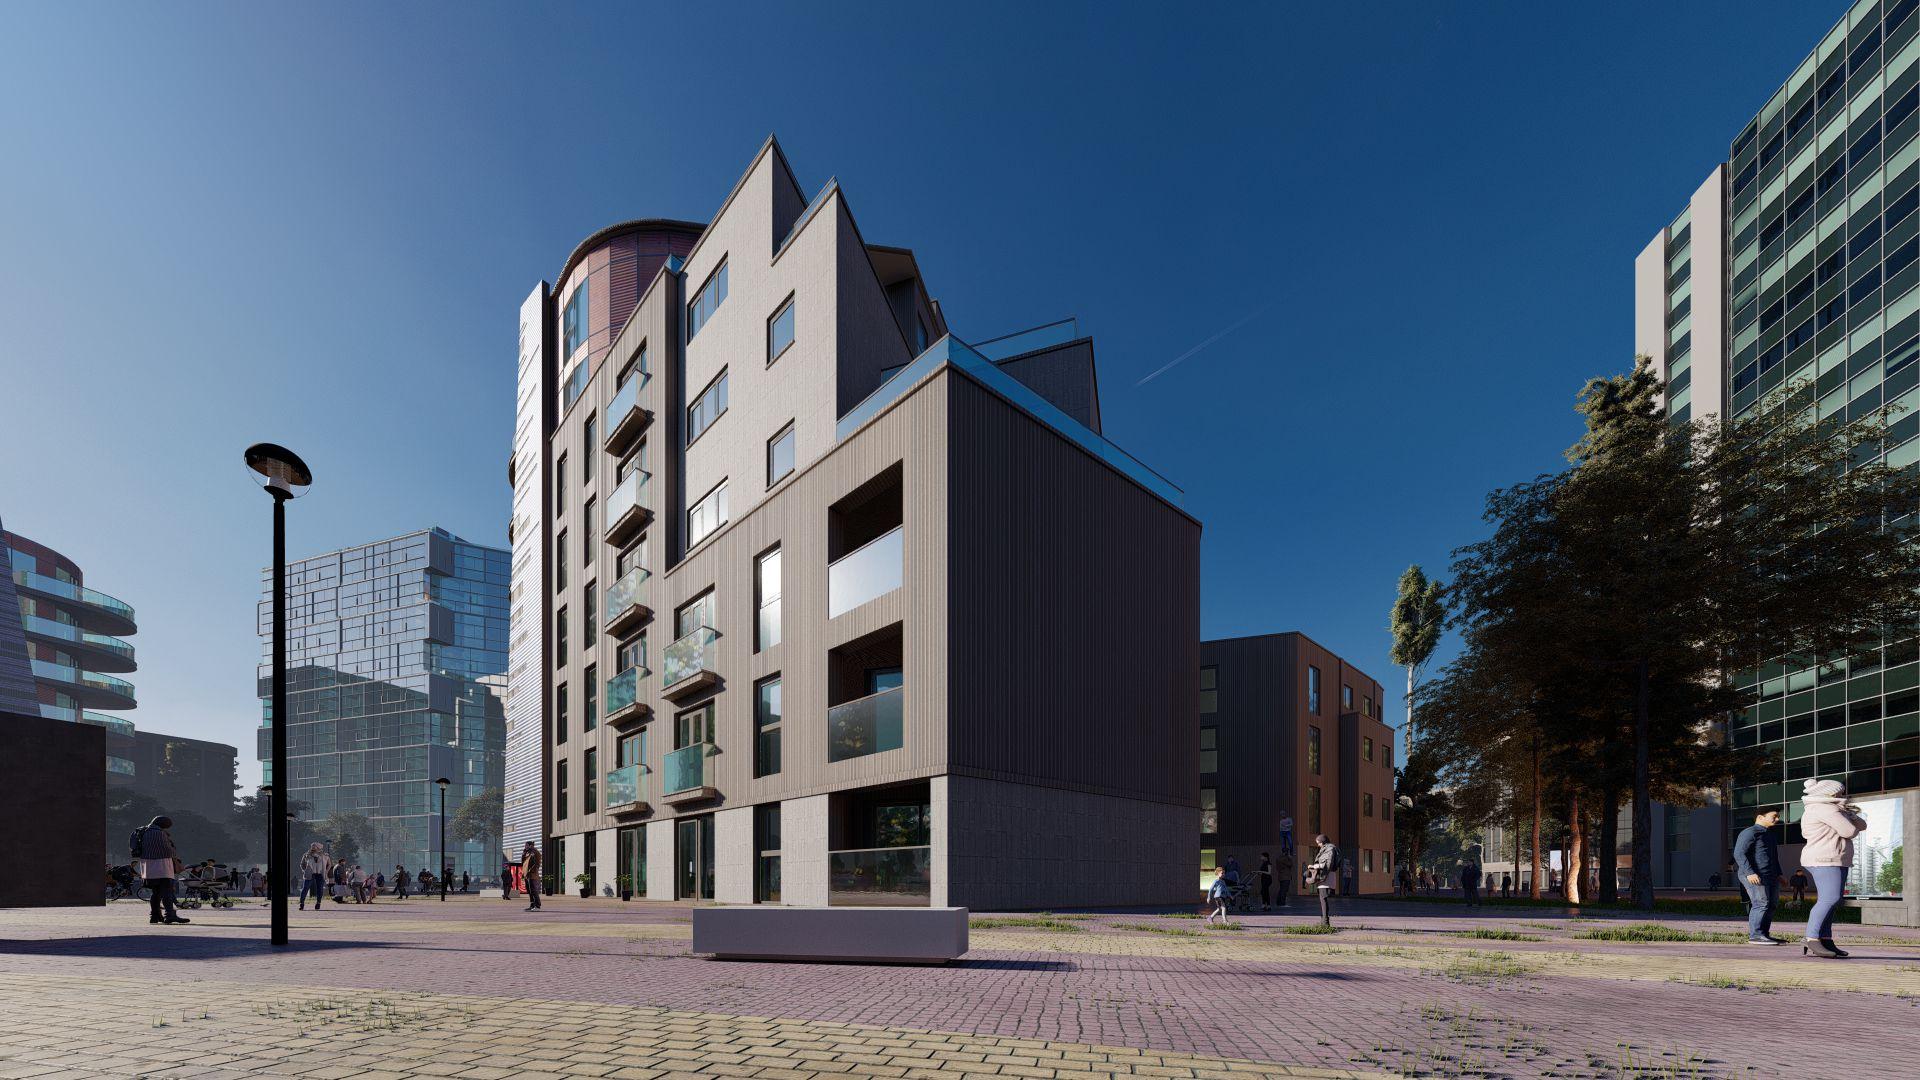 arhitektuurne 3d visualiseerimine hoone plokk 28